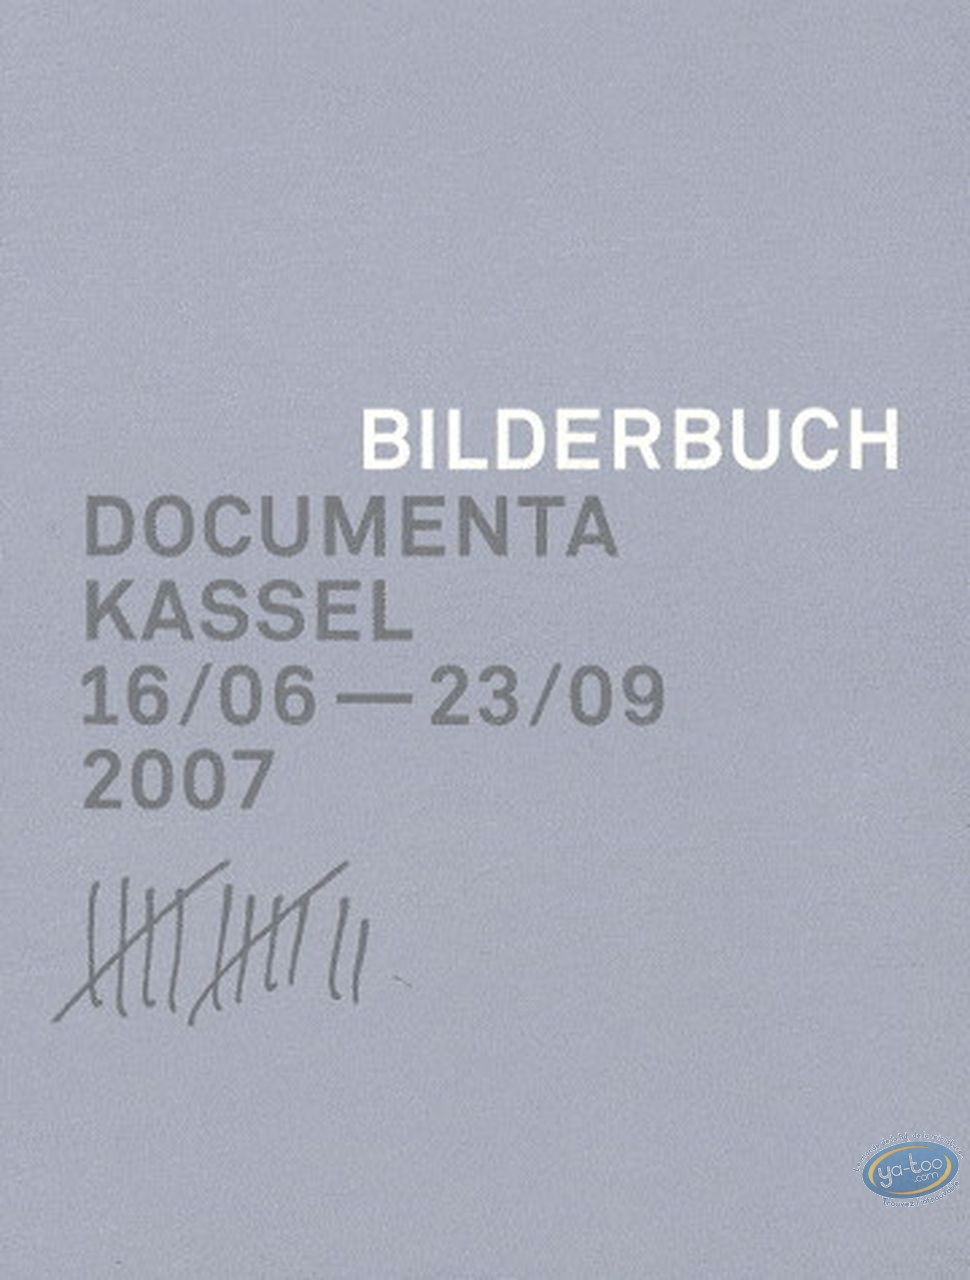 Livre, Bilderbuch - Documenta Kassel 16/06 - 23/09 2006